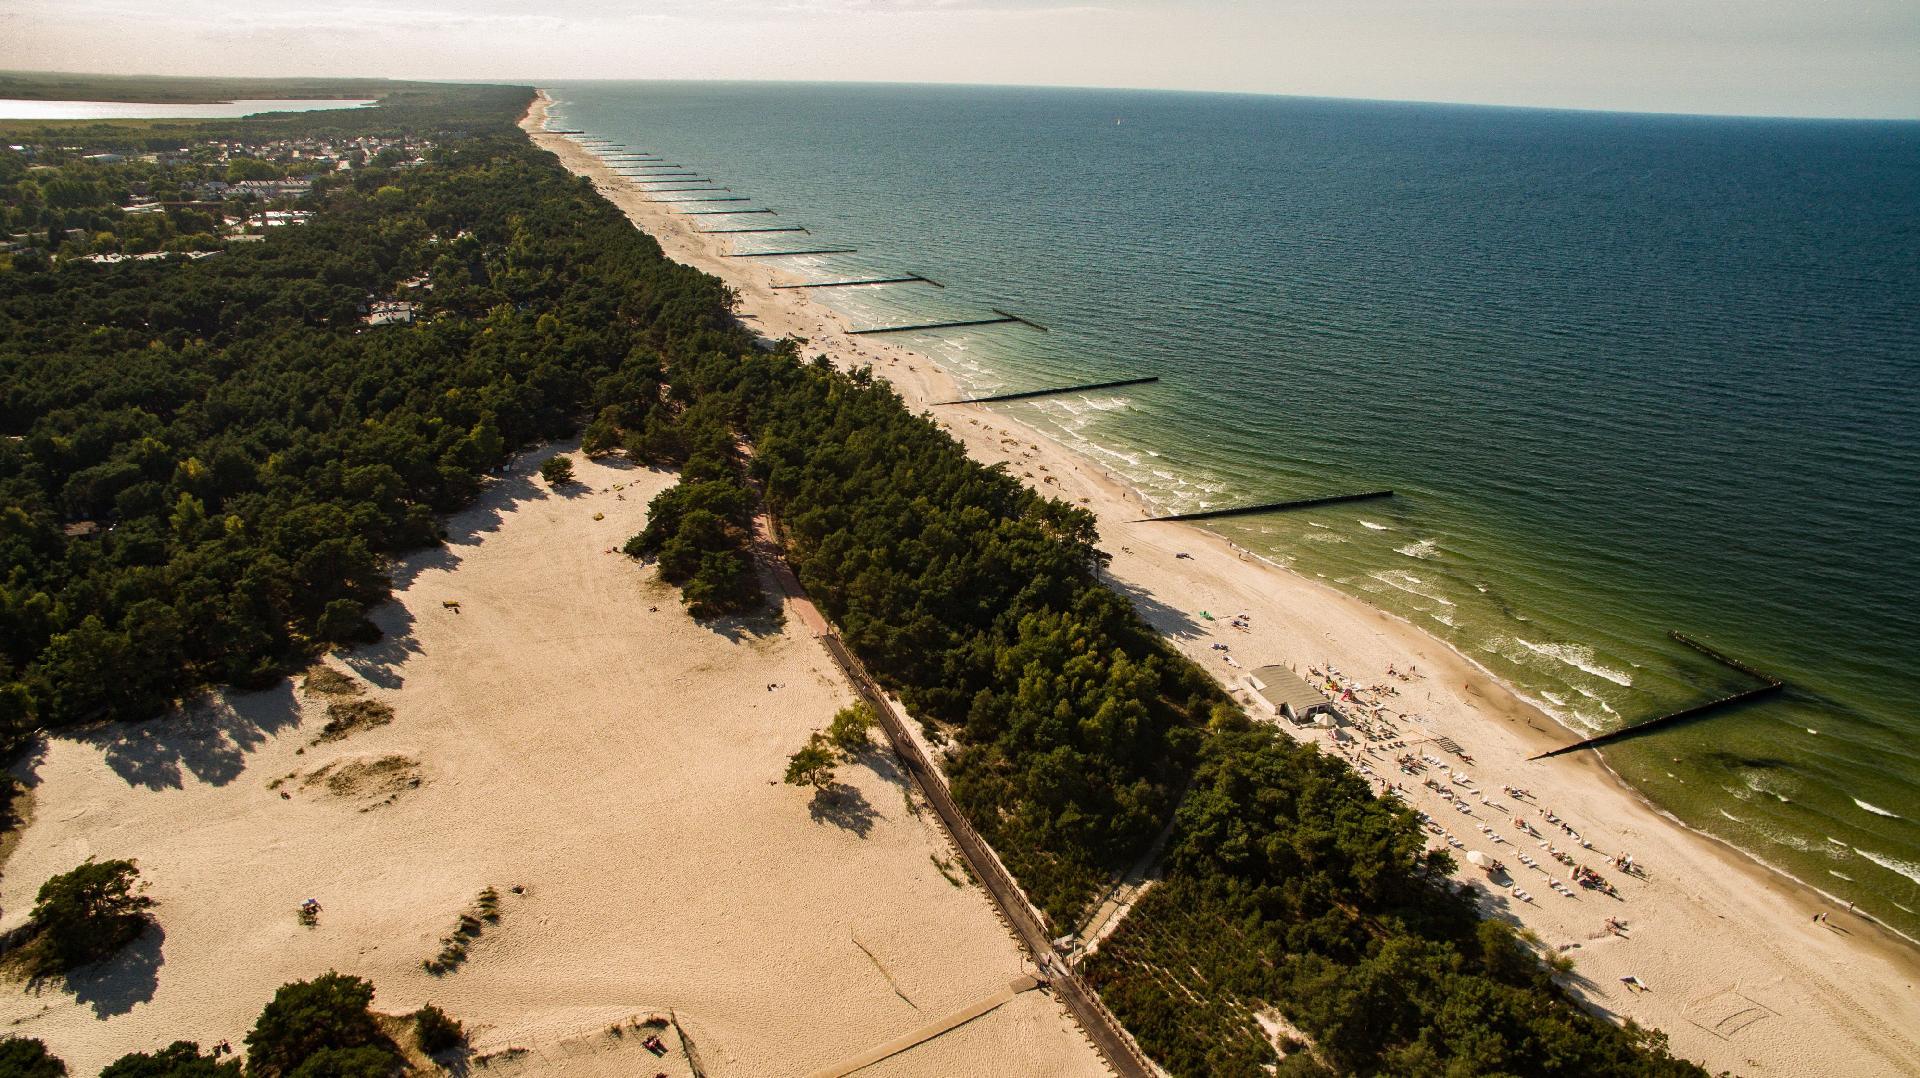 Ganzjähriges haus mit Kamin am Meer - Premium  in Polen